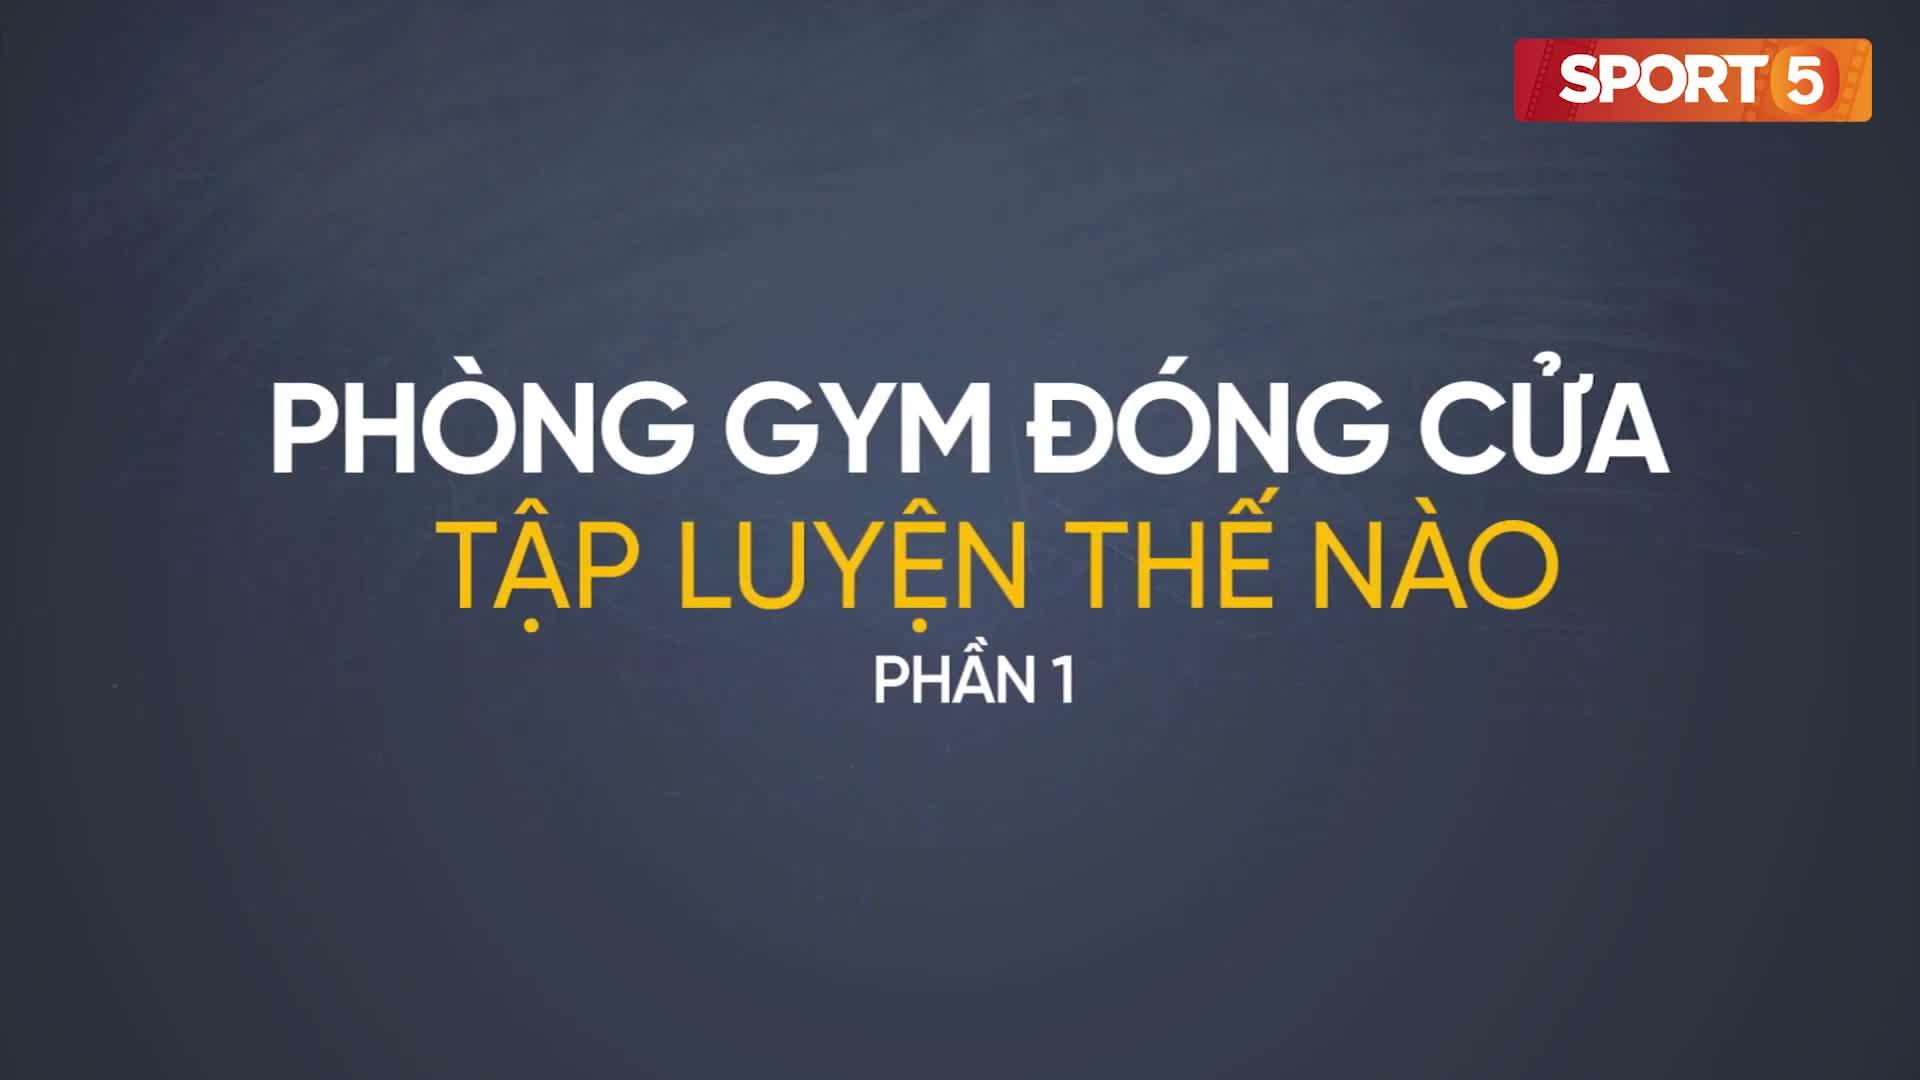 Hướng dẫn tập luyện khi phòng gym đóng cửa (phần 1): Những bài tập lưng tại nhà chỉ với 1 chiếc khăn